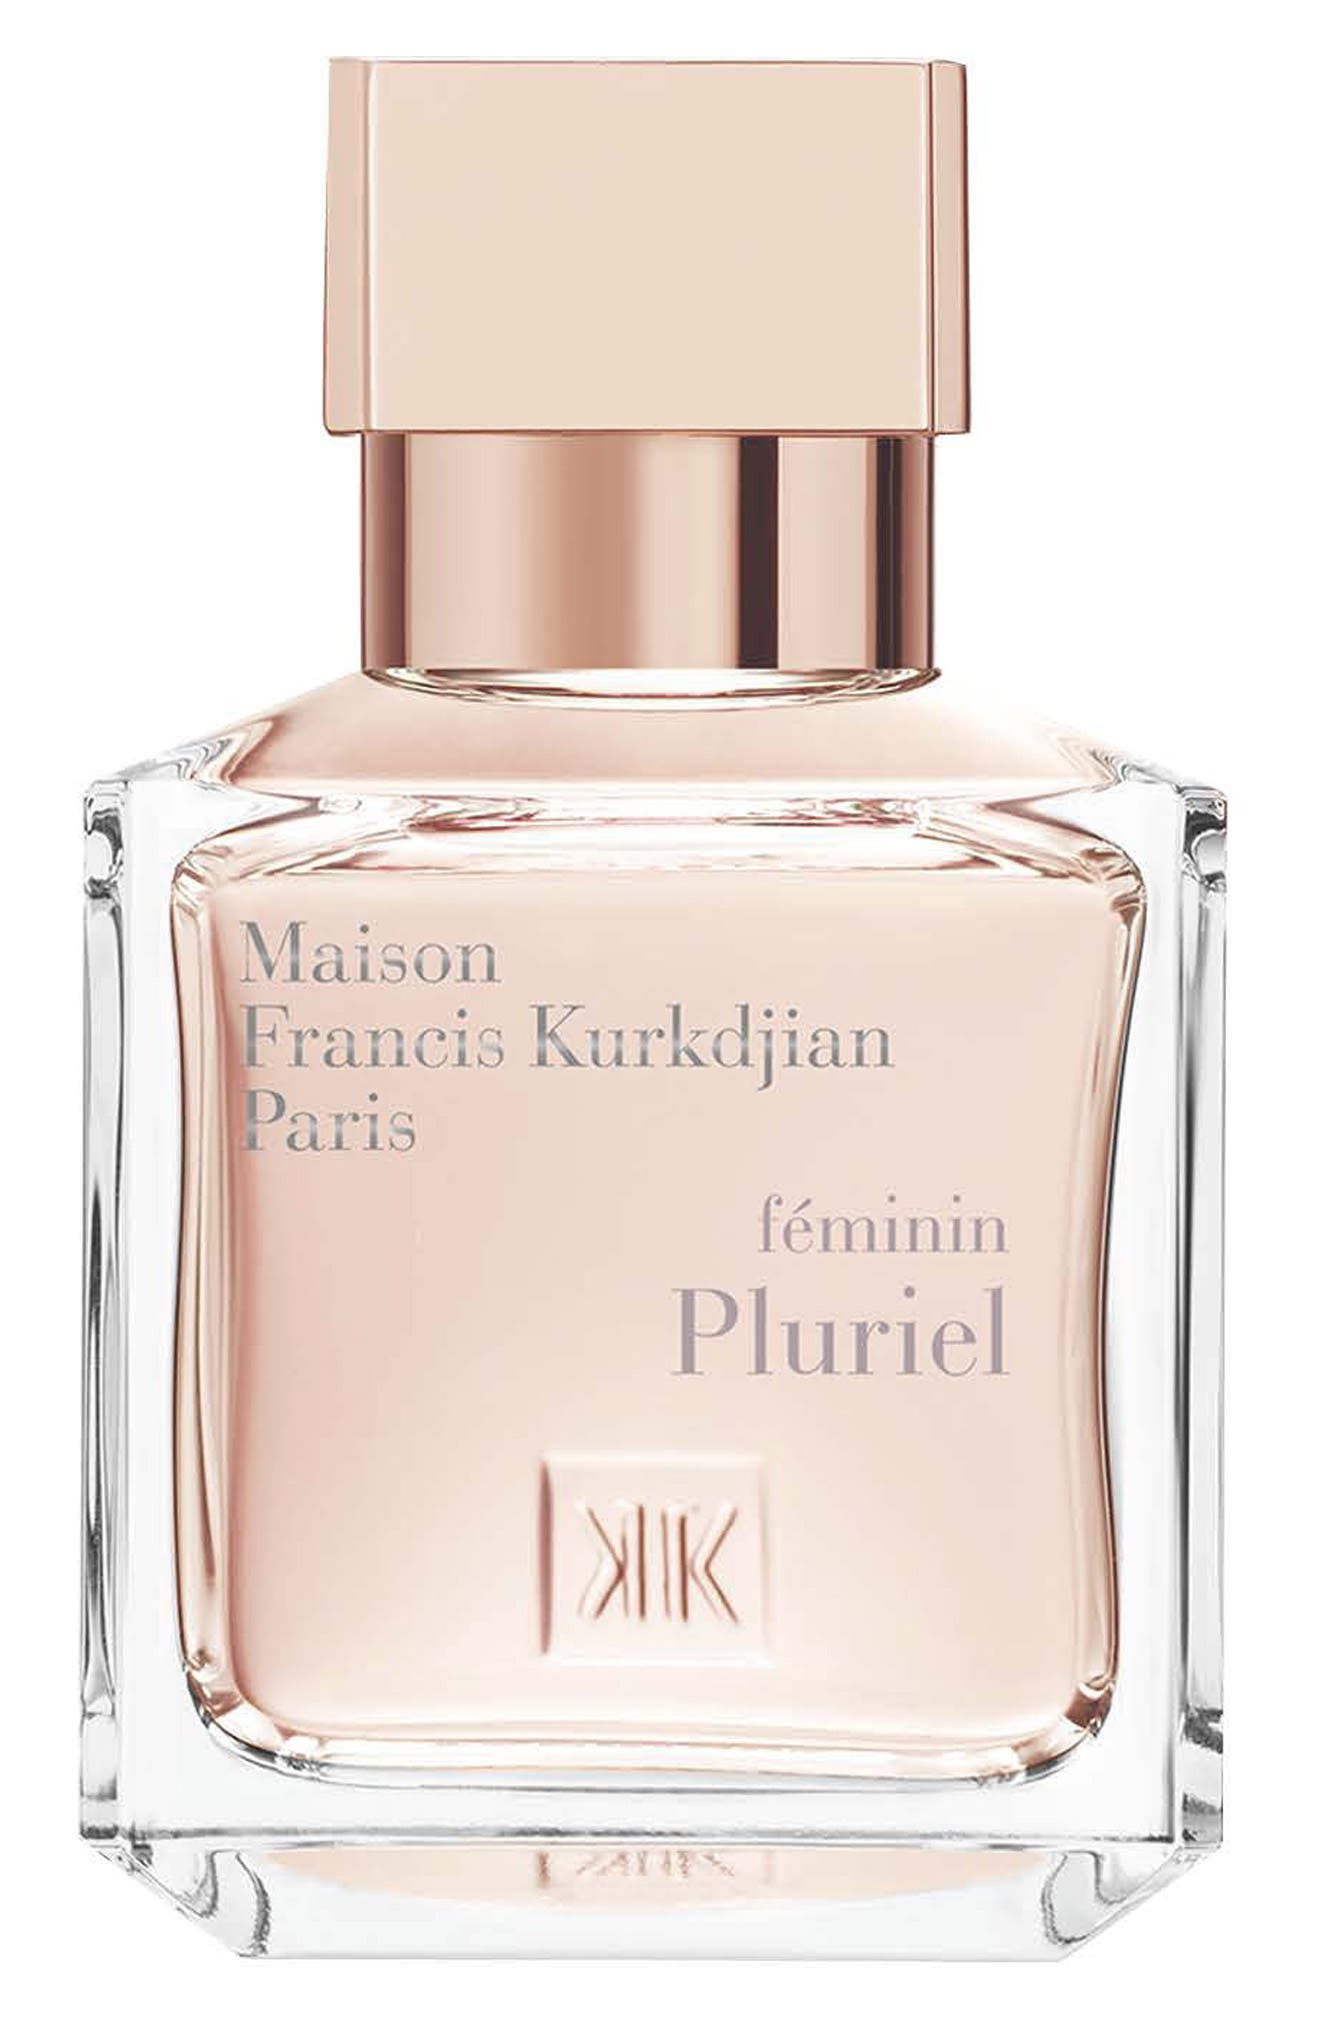 Paris Feminin Pluriel Eau De Parfum